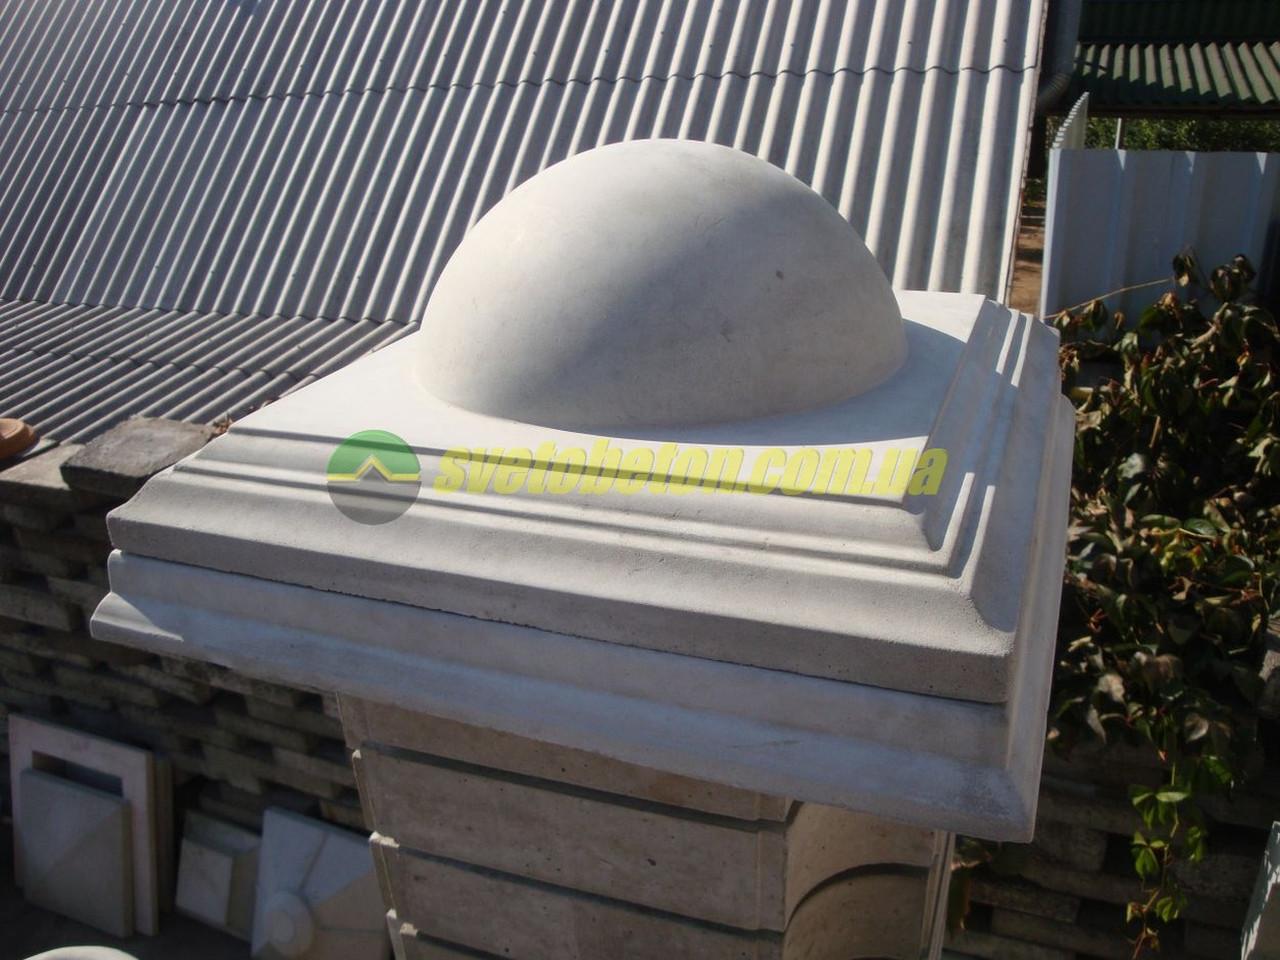 Крышка колпак на столб забора бетонная, шляпка 450х450, полусферическое накрытие парапета колонны из бетона.